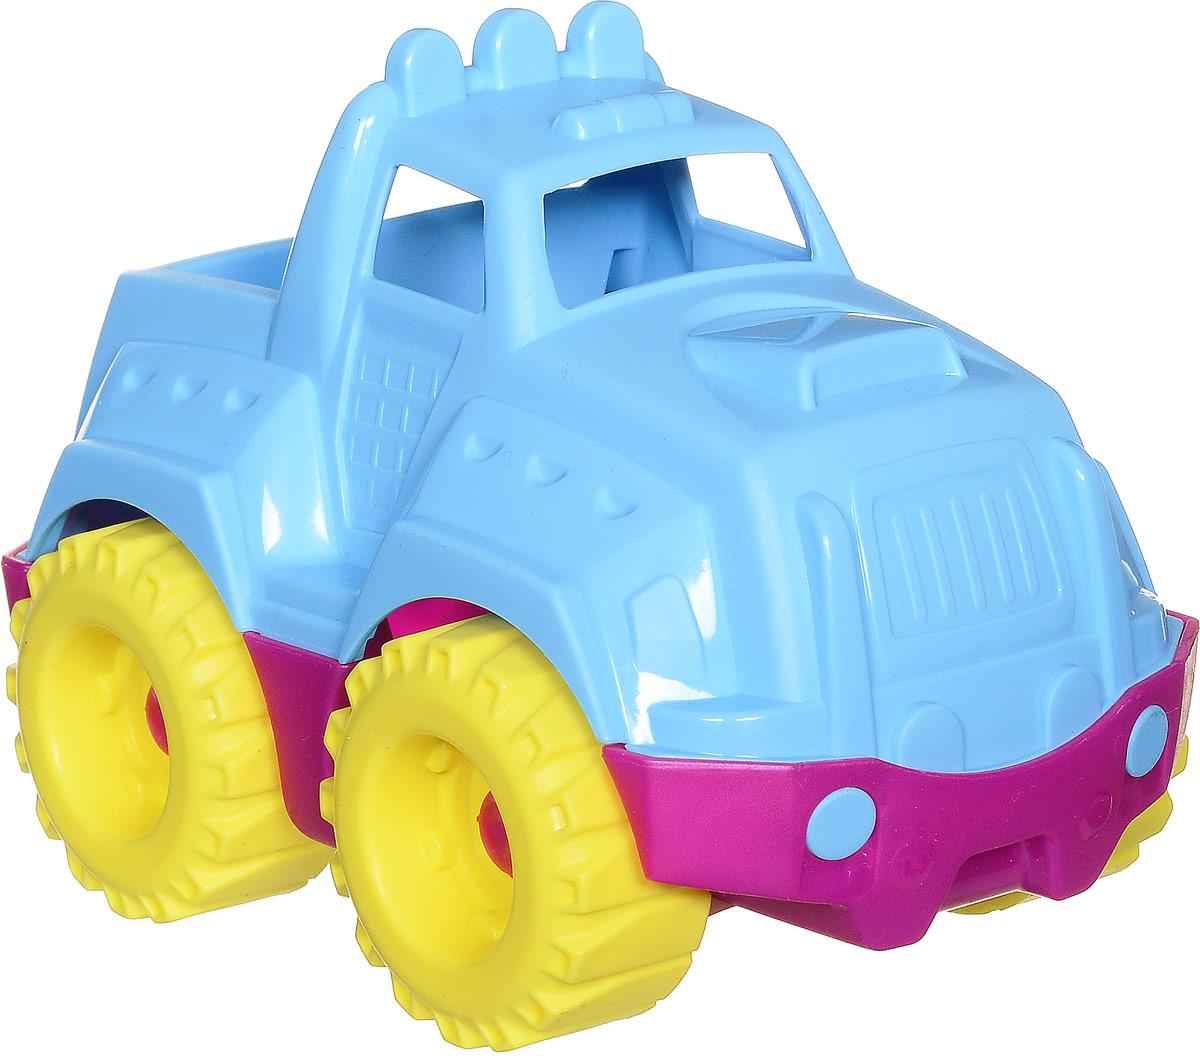 Нордпласт Джип Шкода цвет голубойШКД10_голубойМаленький джип Нордпласт Шкода понравится ребенку своей яркостью, а родителям прочностью и безопасностью. Игрушка обтекаемой формы, не имеет мелких деталей. Малыш будет развивать пространственное восприятие и координацию движений, играя с автомобилем и катая его по поверхности. Материал, из которого изготовлена машинка, не токсичен и безвреден для детей.